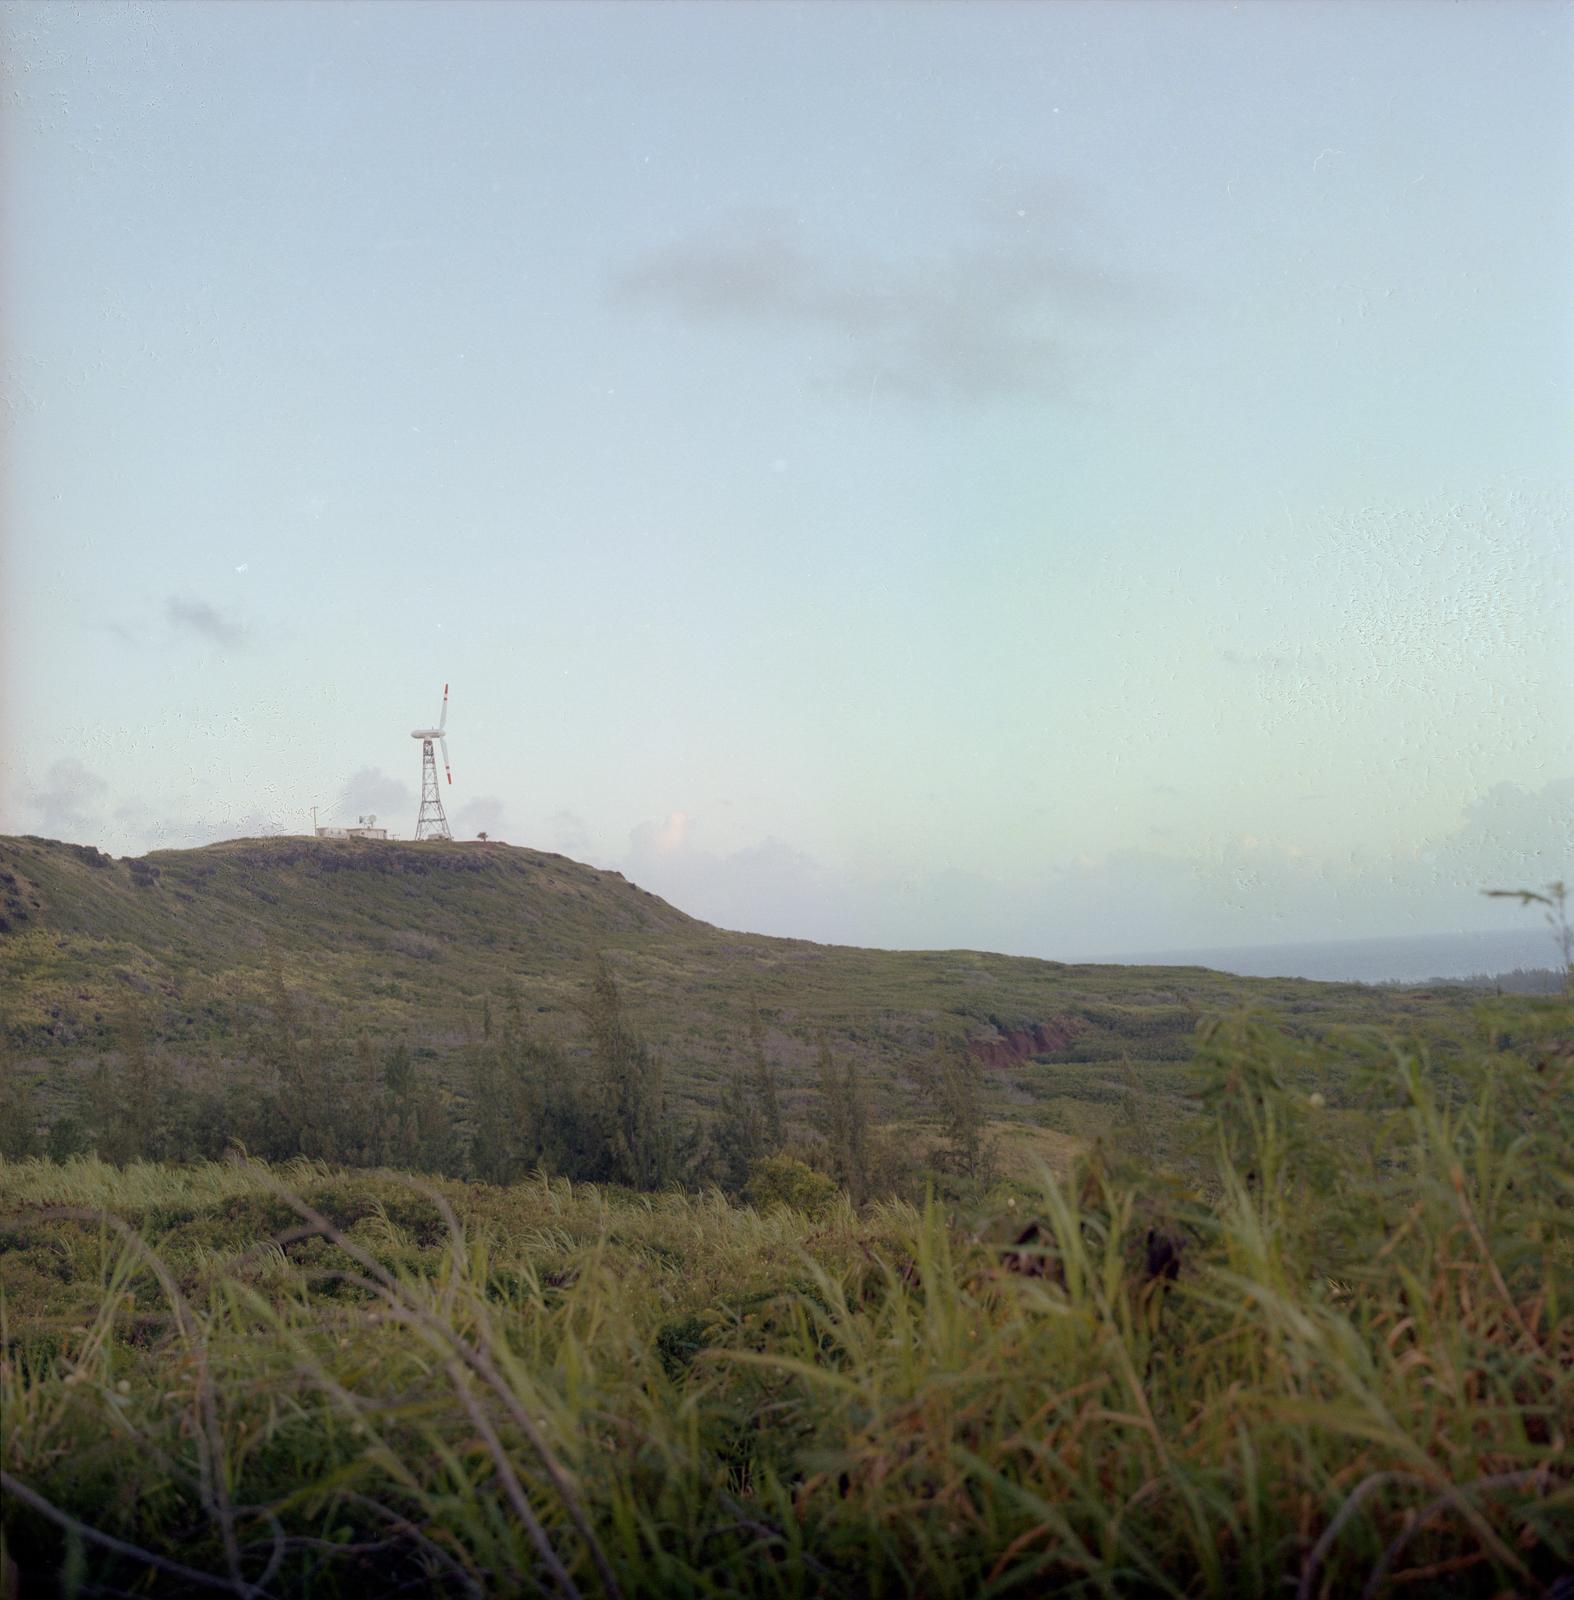 MOD-OA4 WIND TURBINE SITE IN KAHUKU OAHU HAWAII